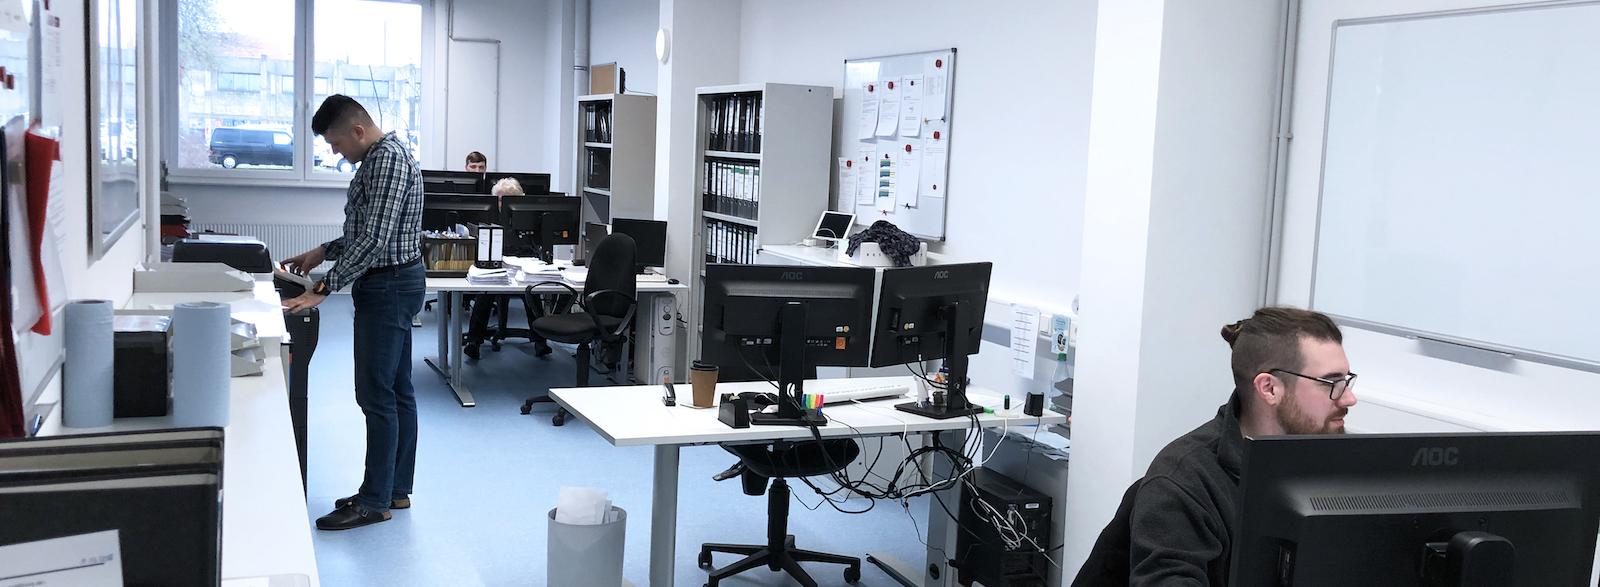 Office at DSI pharm